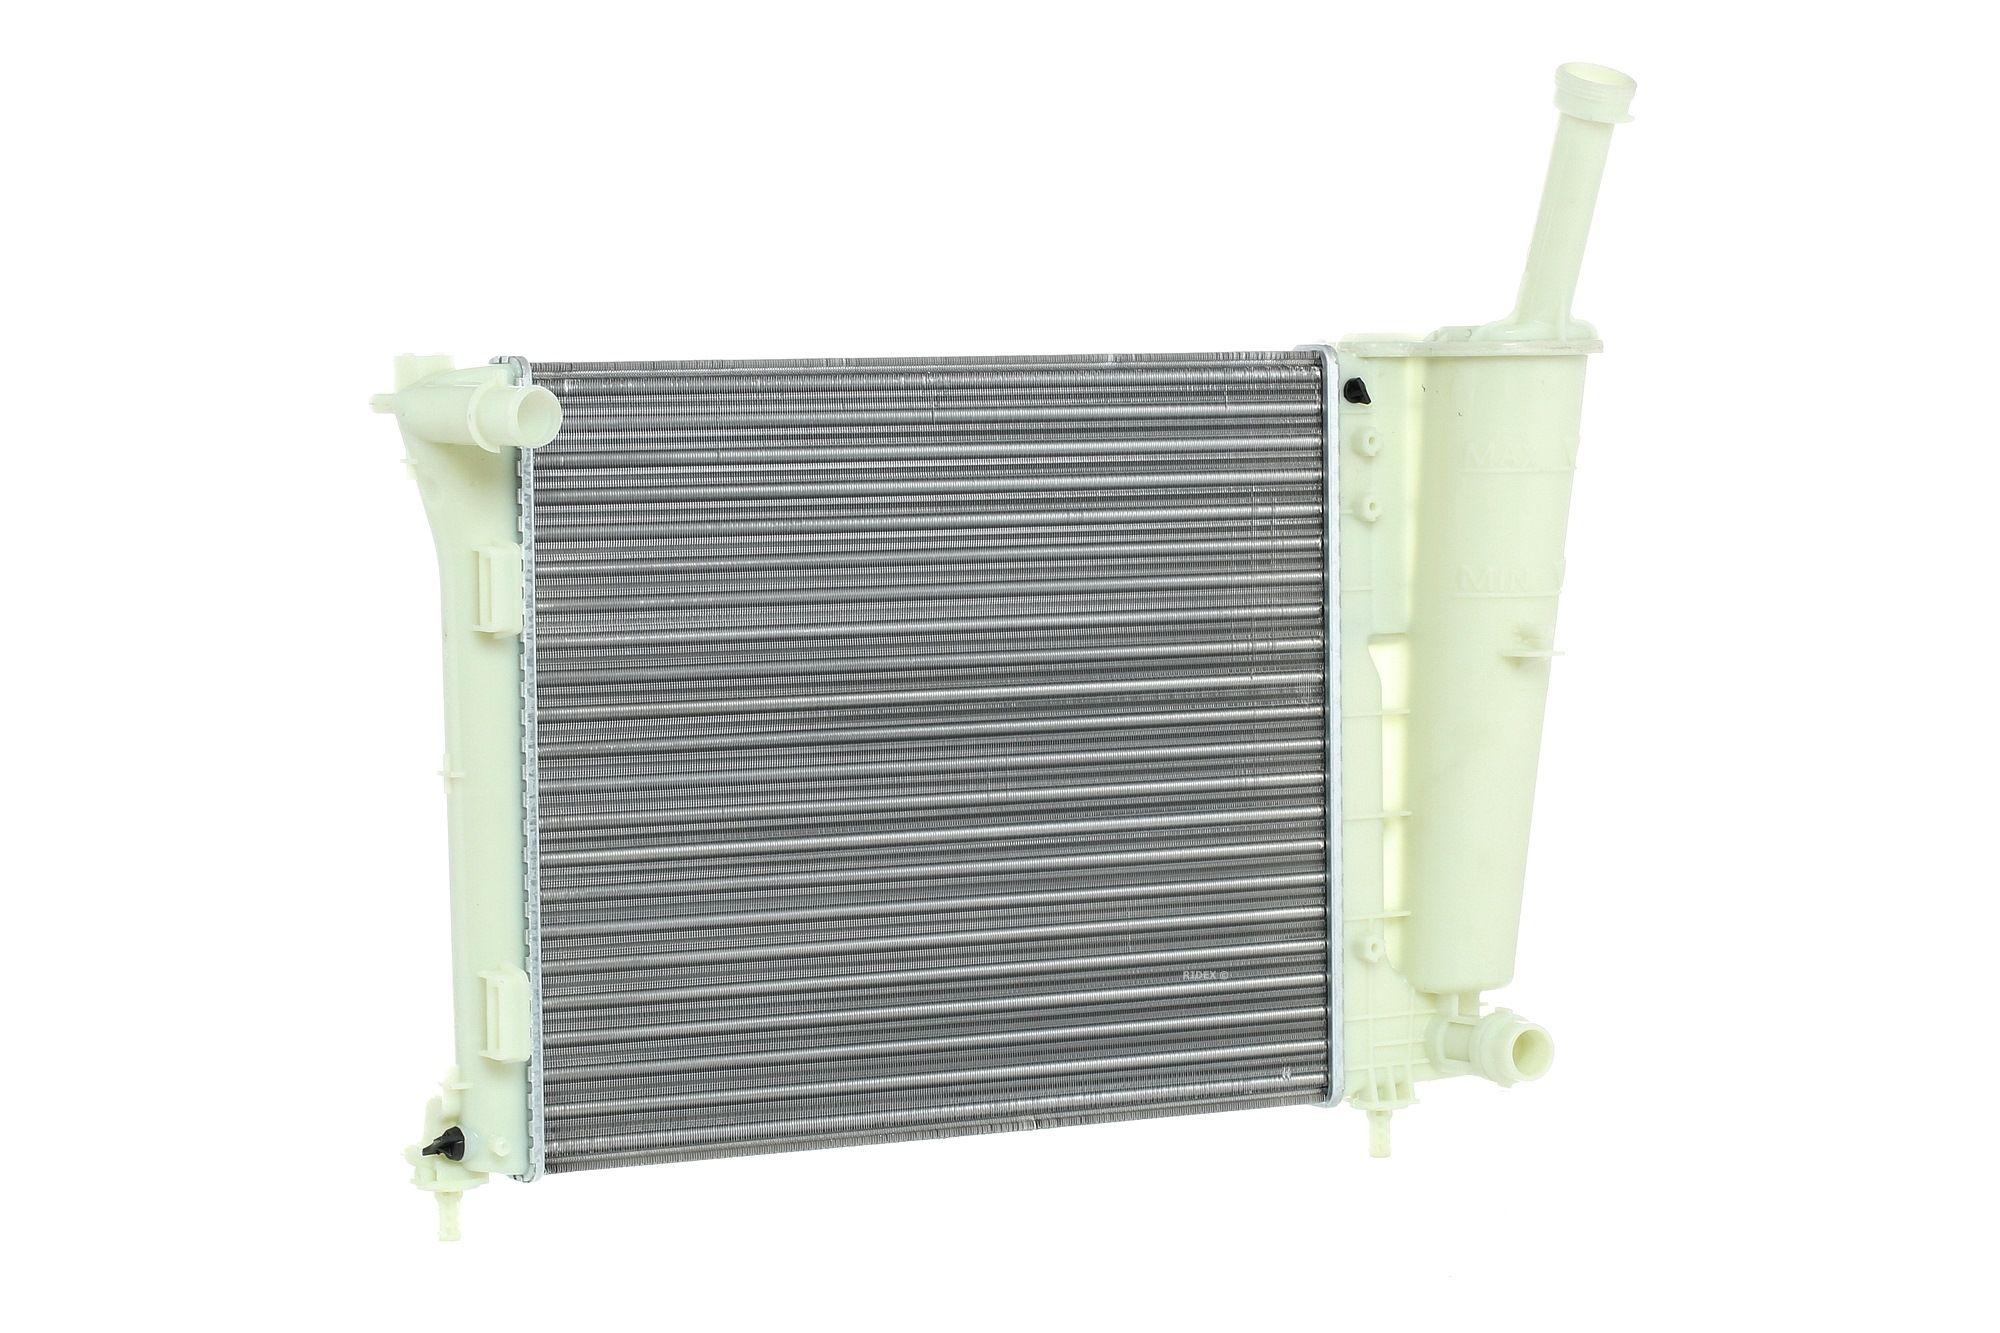 Kühler RIDEX 470R0368 Bewertung